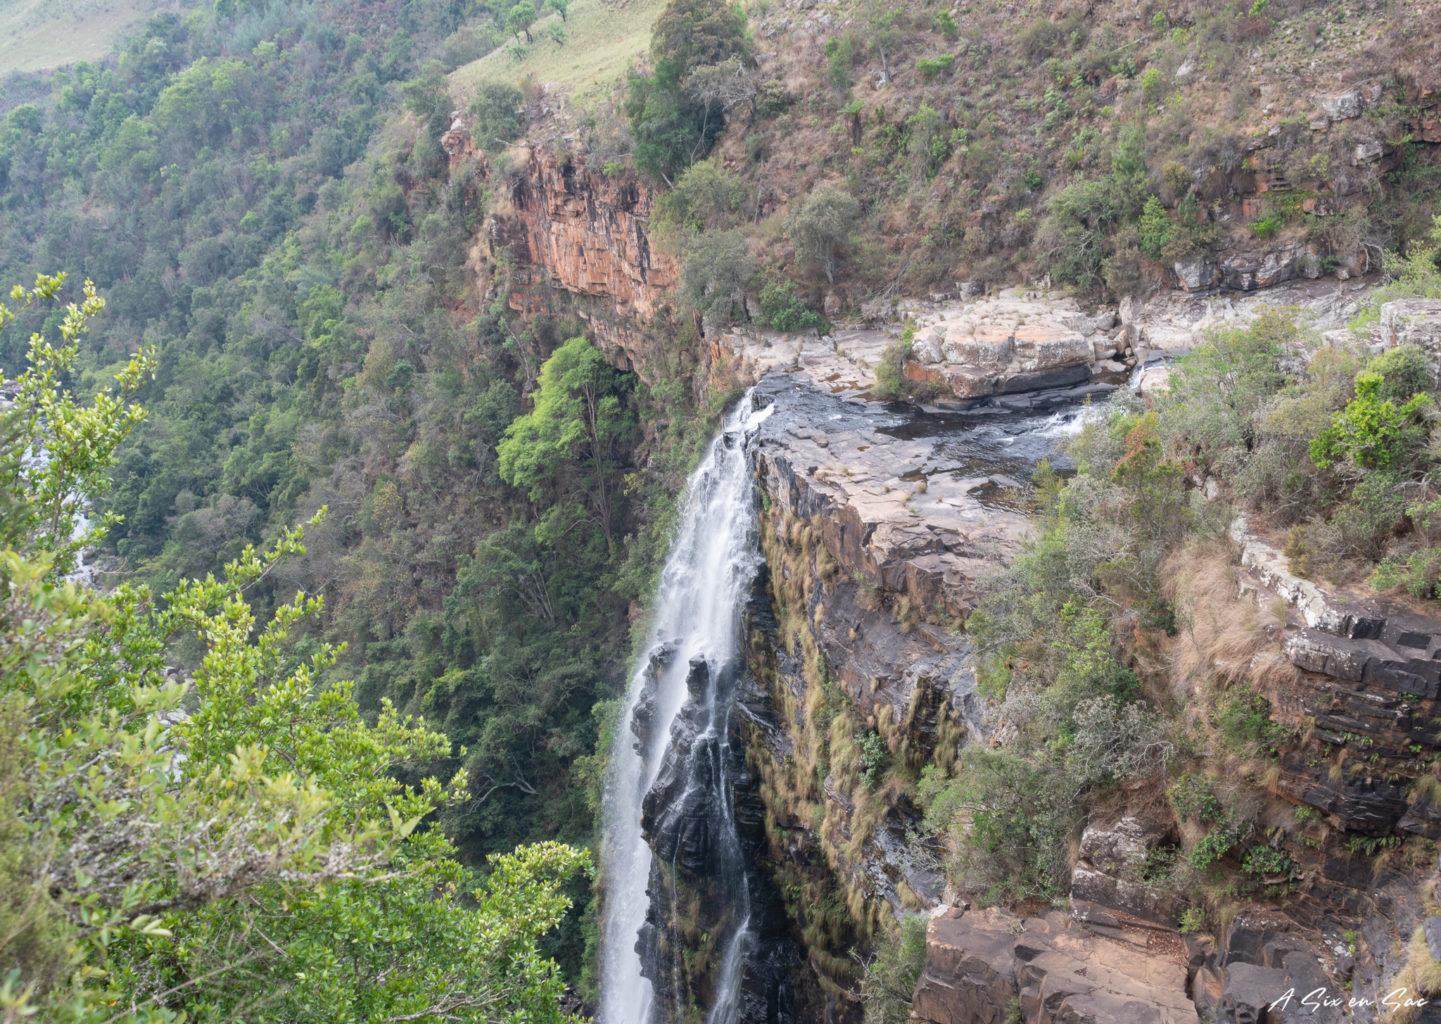 Haut de la chute de Lisbon Falls dans la province du Mpumalanga aux portes du parc Kruger ( et son emblématique Blyde River Canyon )